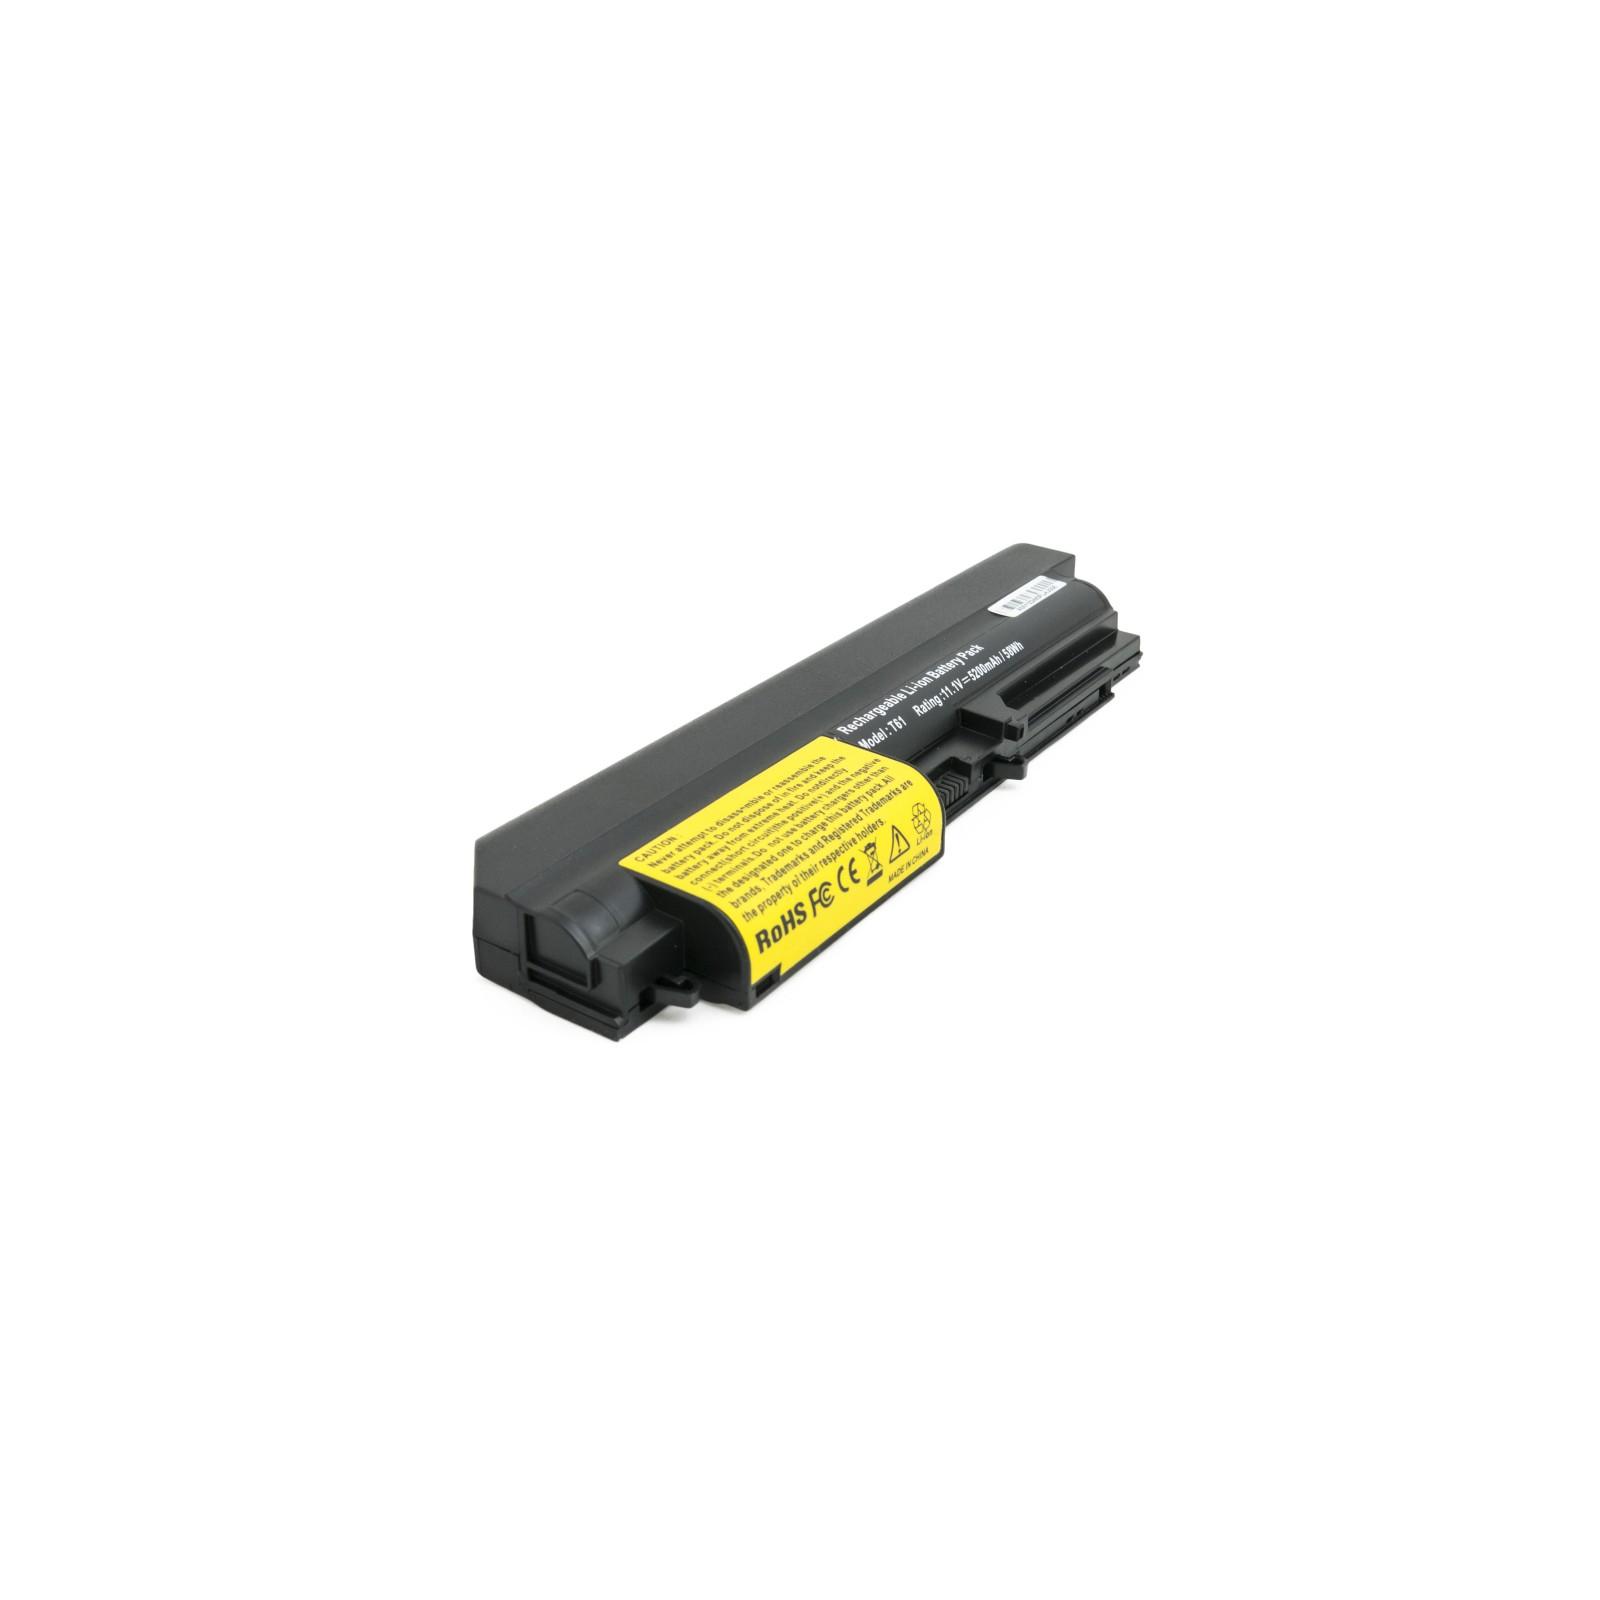 Аккумулятор для ноутбука Lenovo T61 5200 mAh EXTRADIGITAL (BNL3952) изображение 2